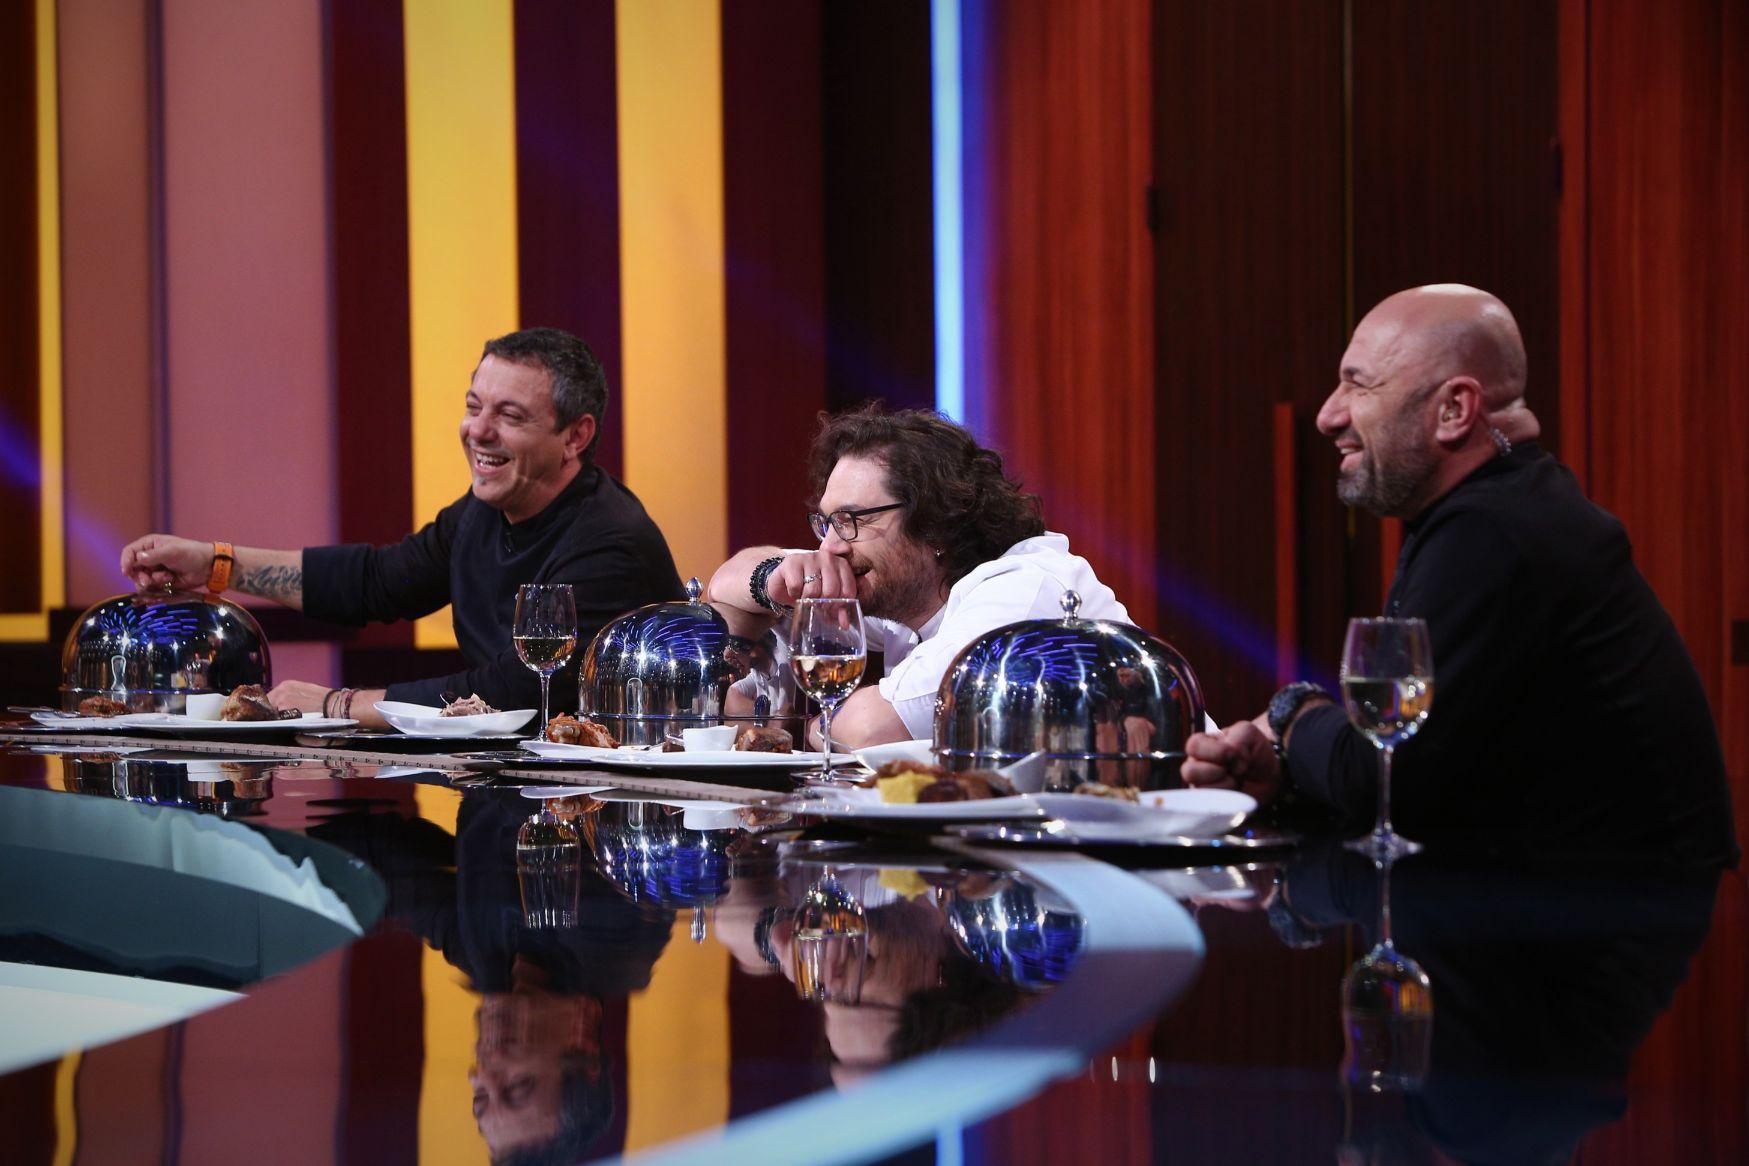 Jurații Bontea, Dumitrescu și Scărlătescu își aleg echipele sezonului special Chefi la cuțite